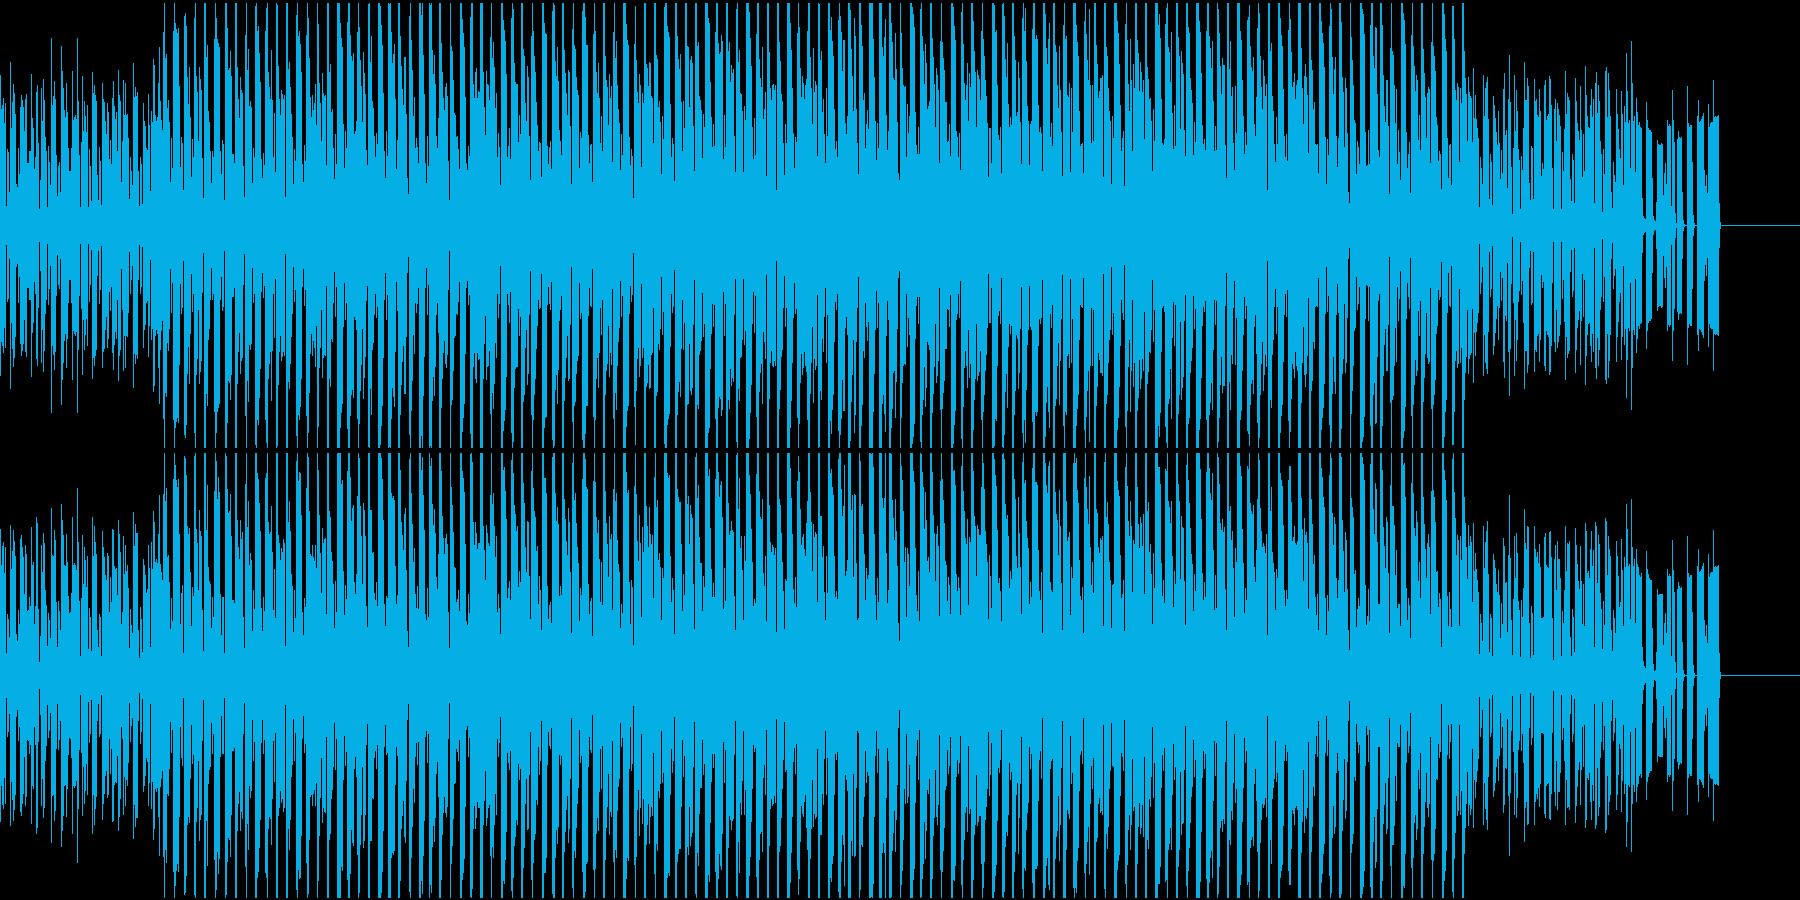 不安感煽るビートの再生済みの波形